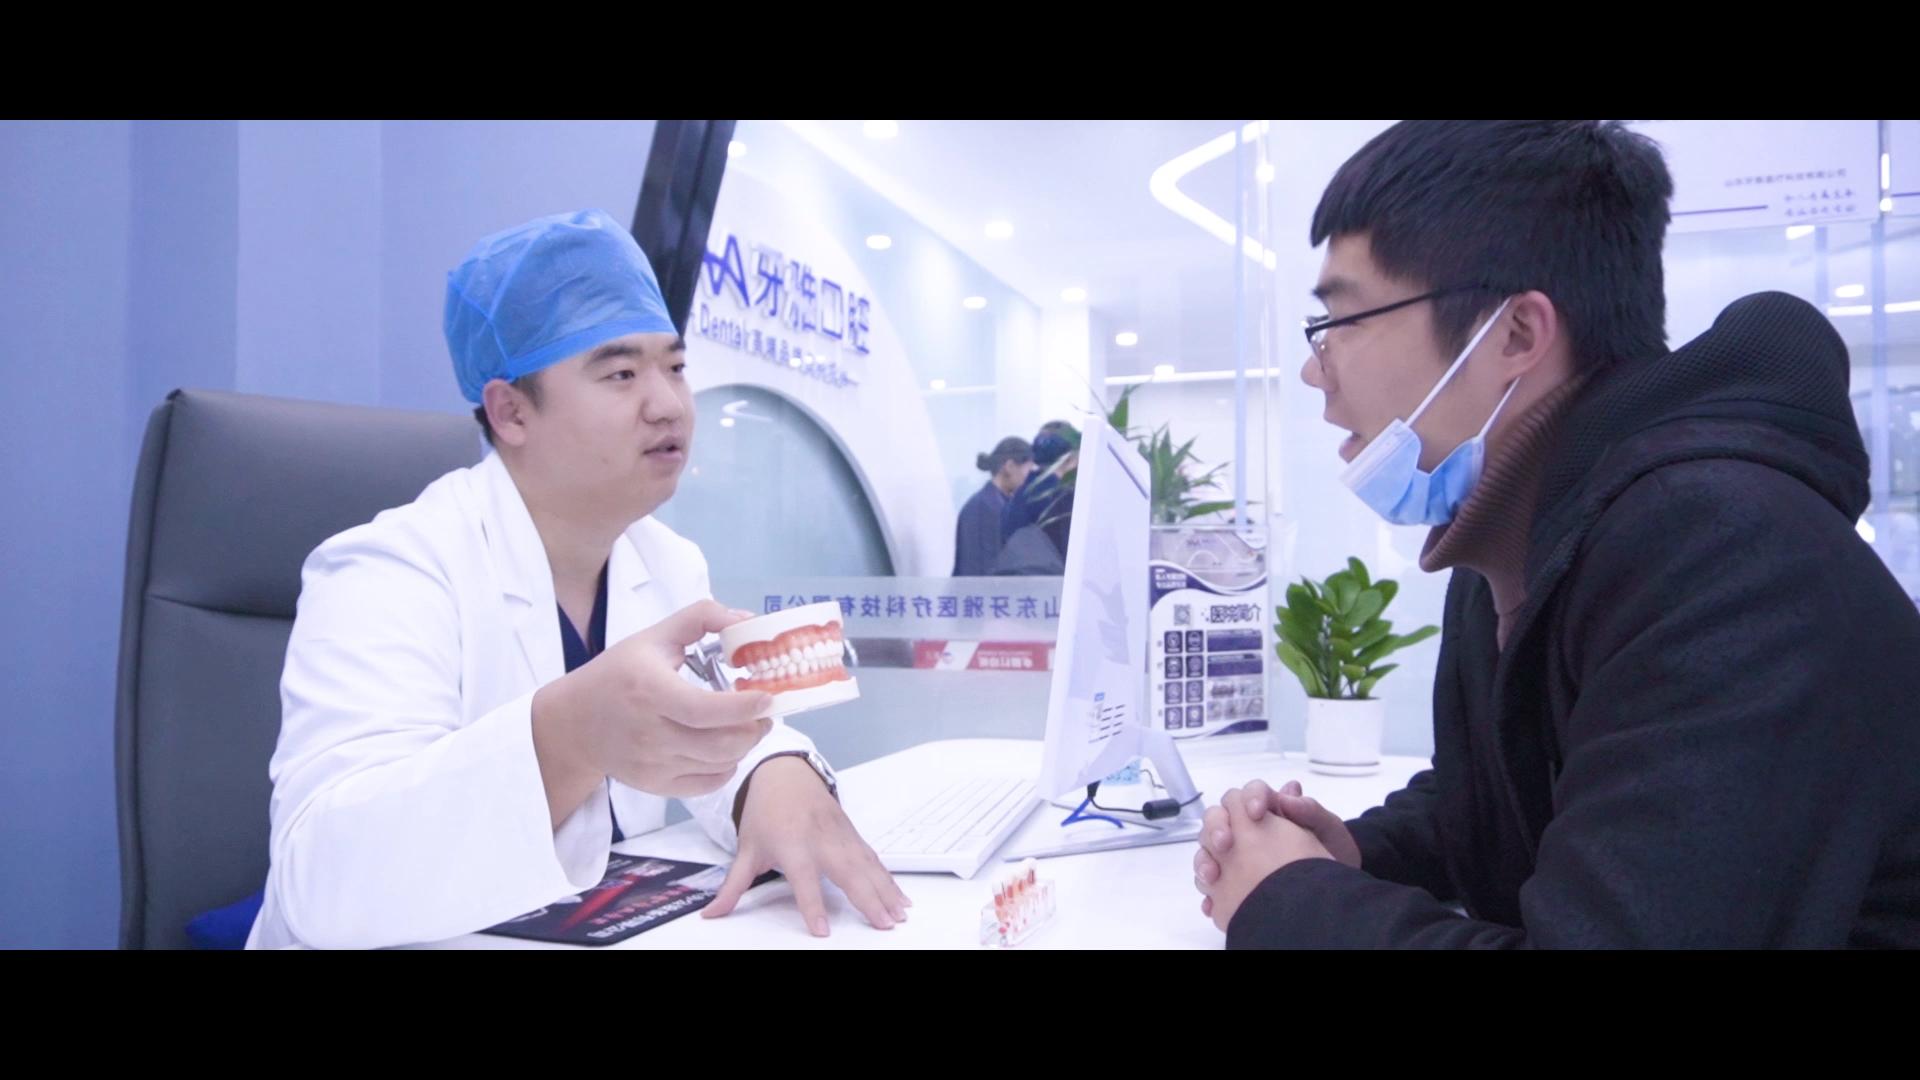 牙雅口腔北京种植专家谭先德谈 关于种植牙你不得不知的那些事儿